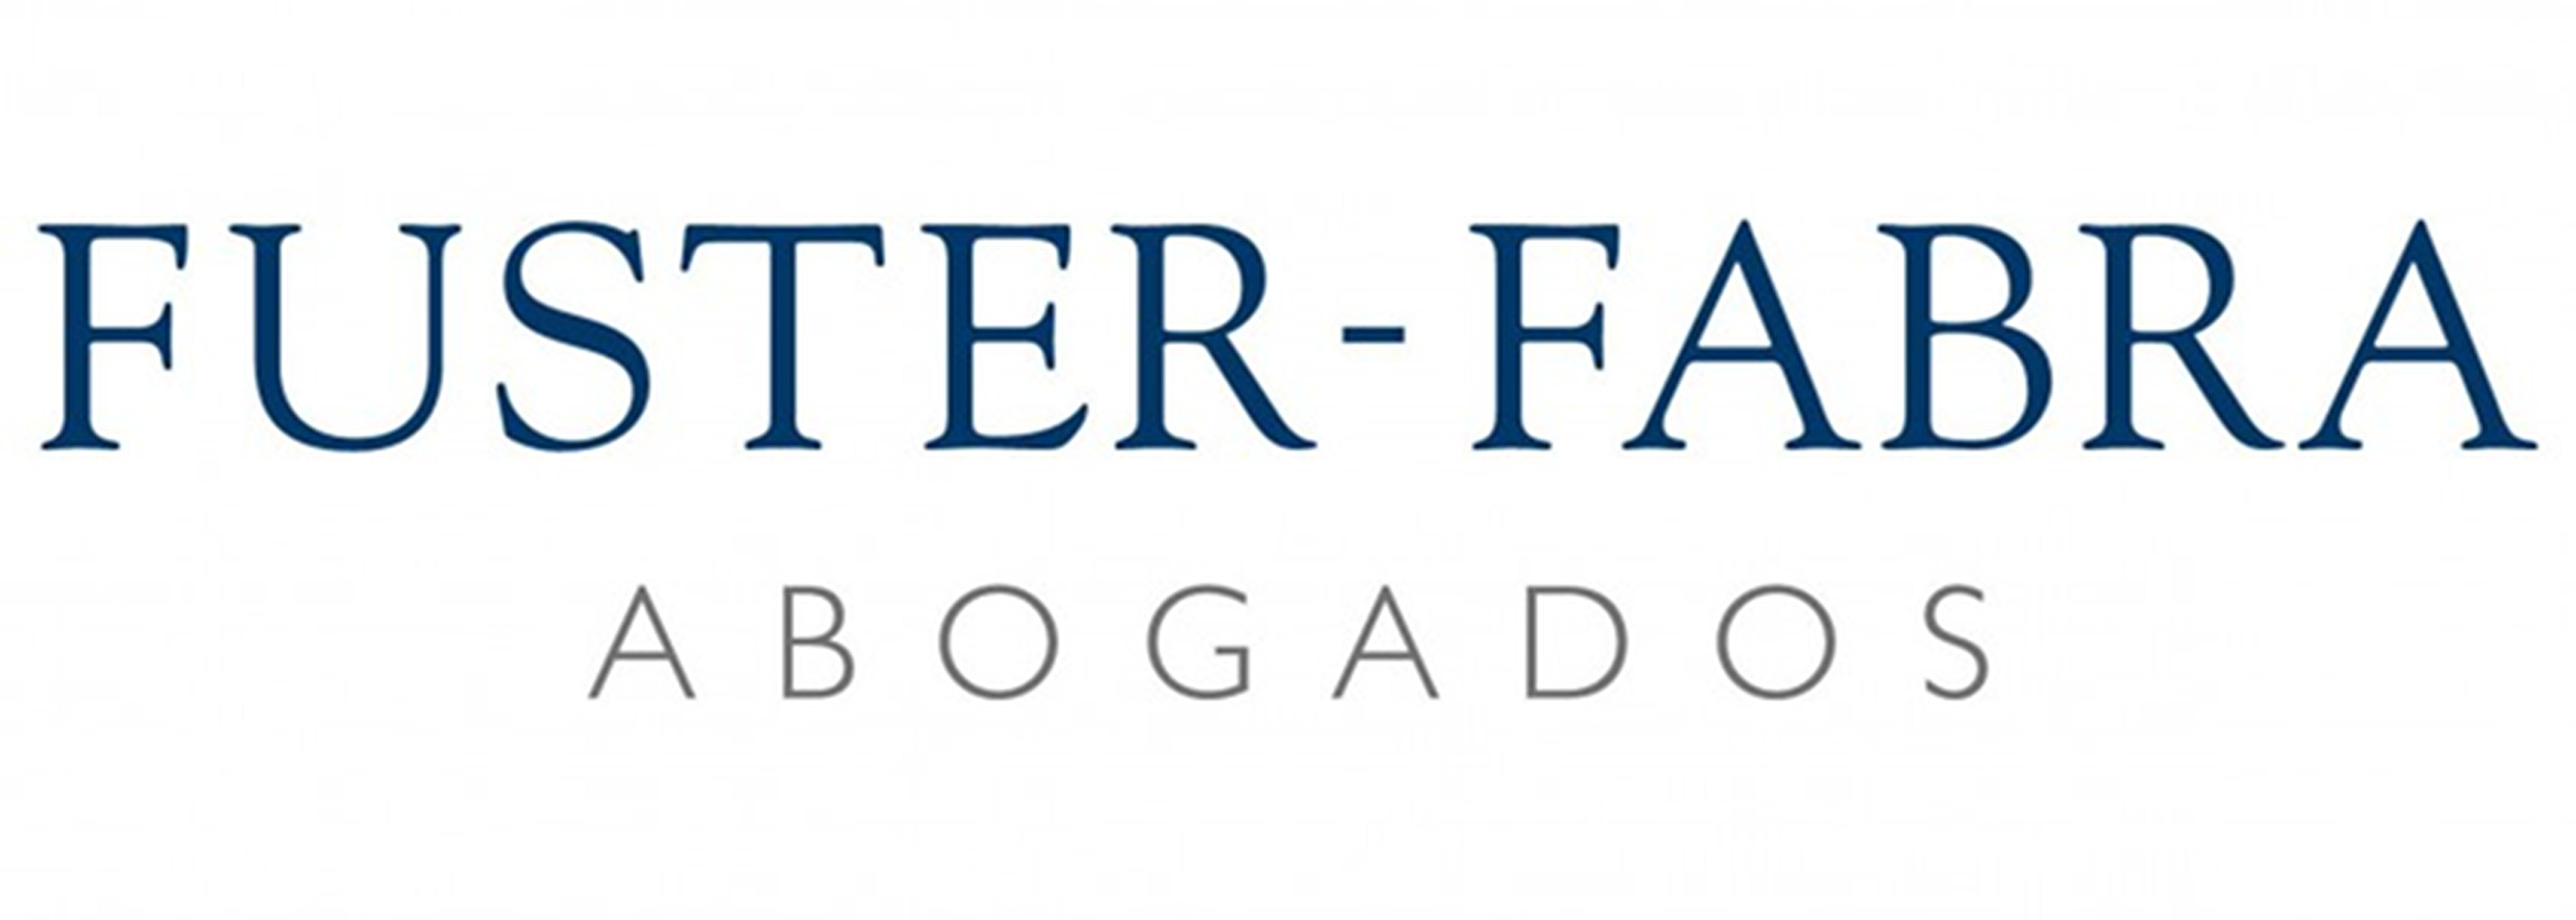 Fuster-Fabra